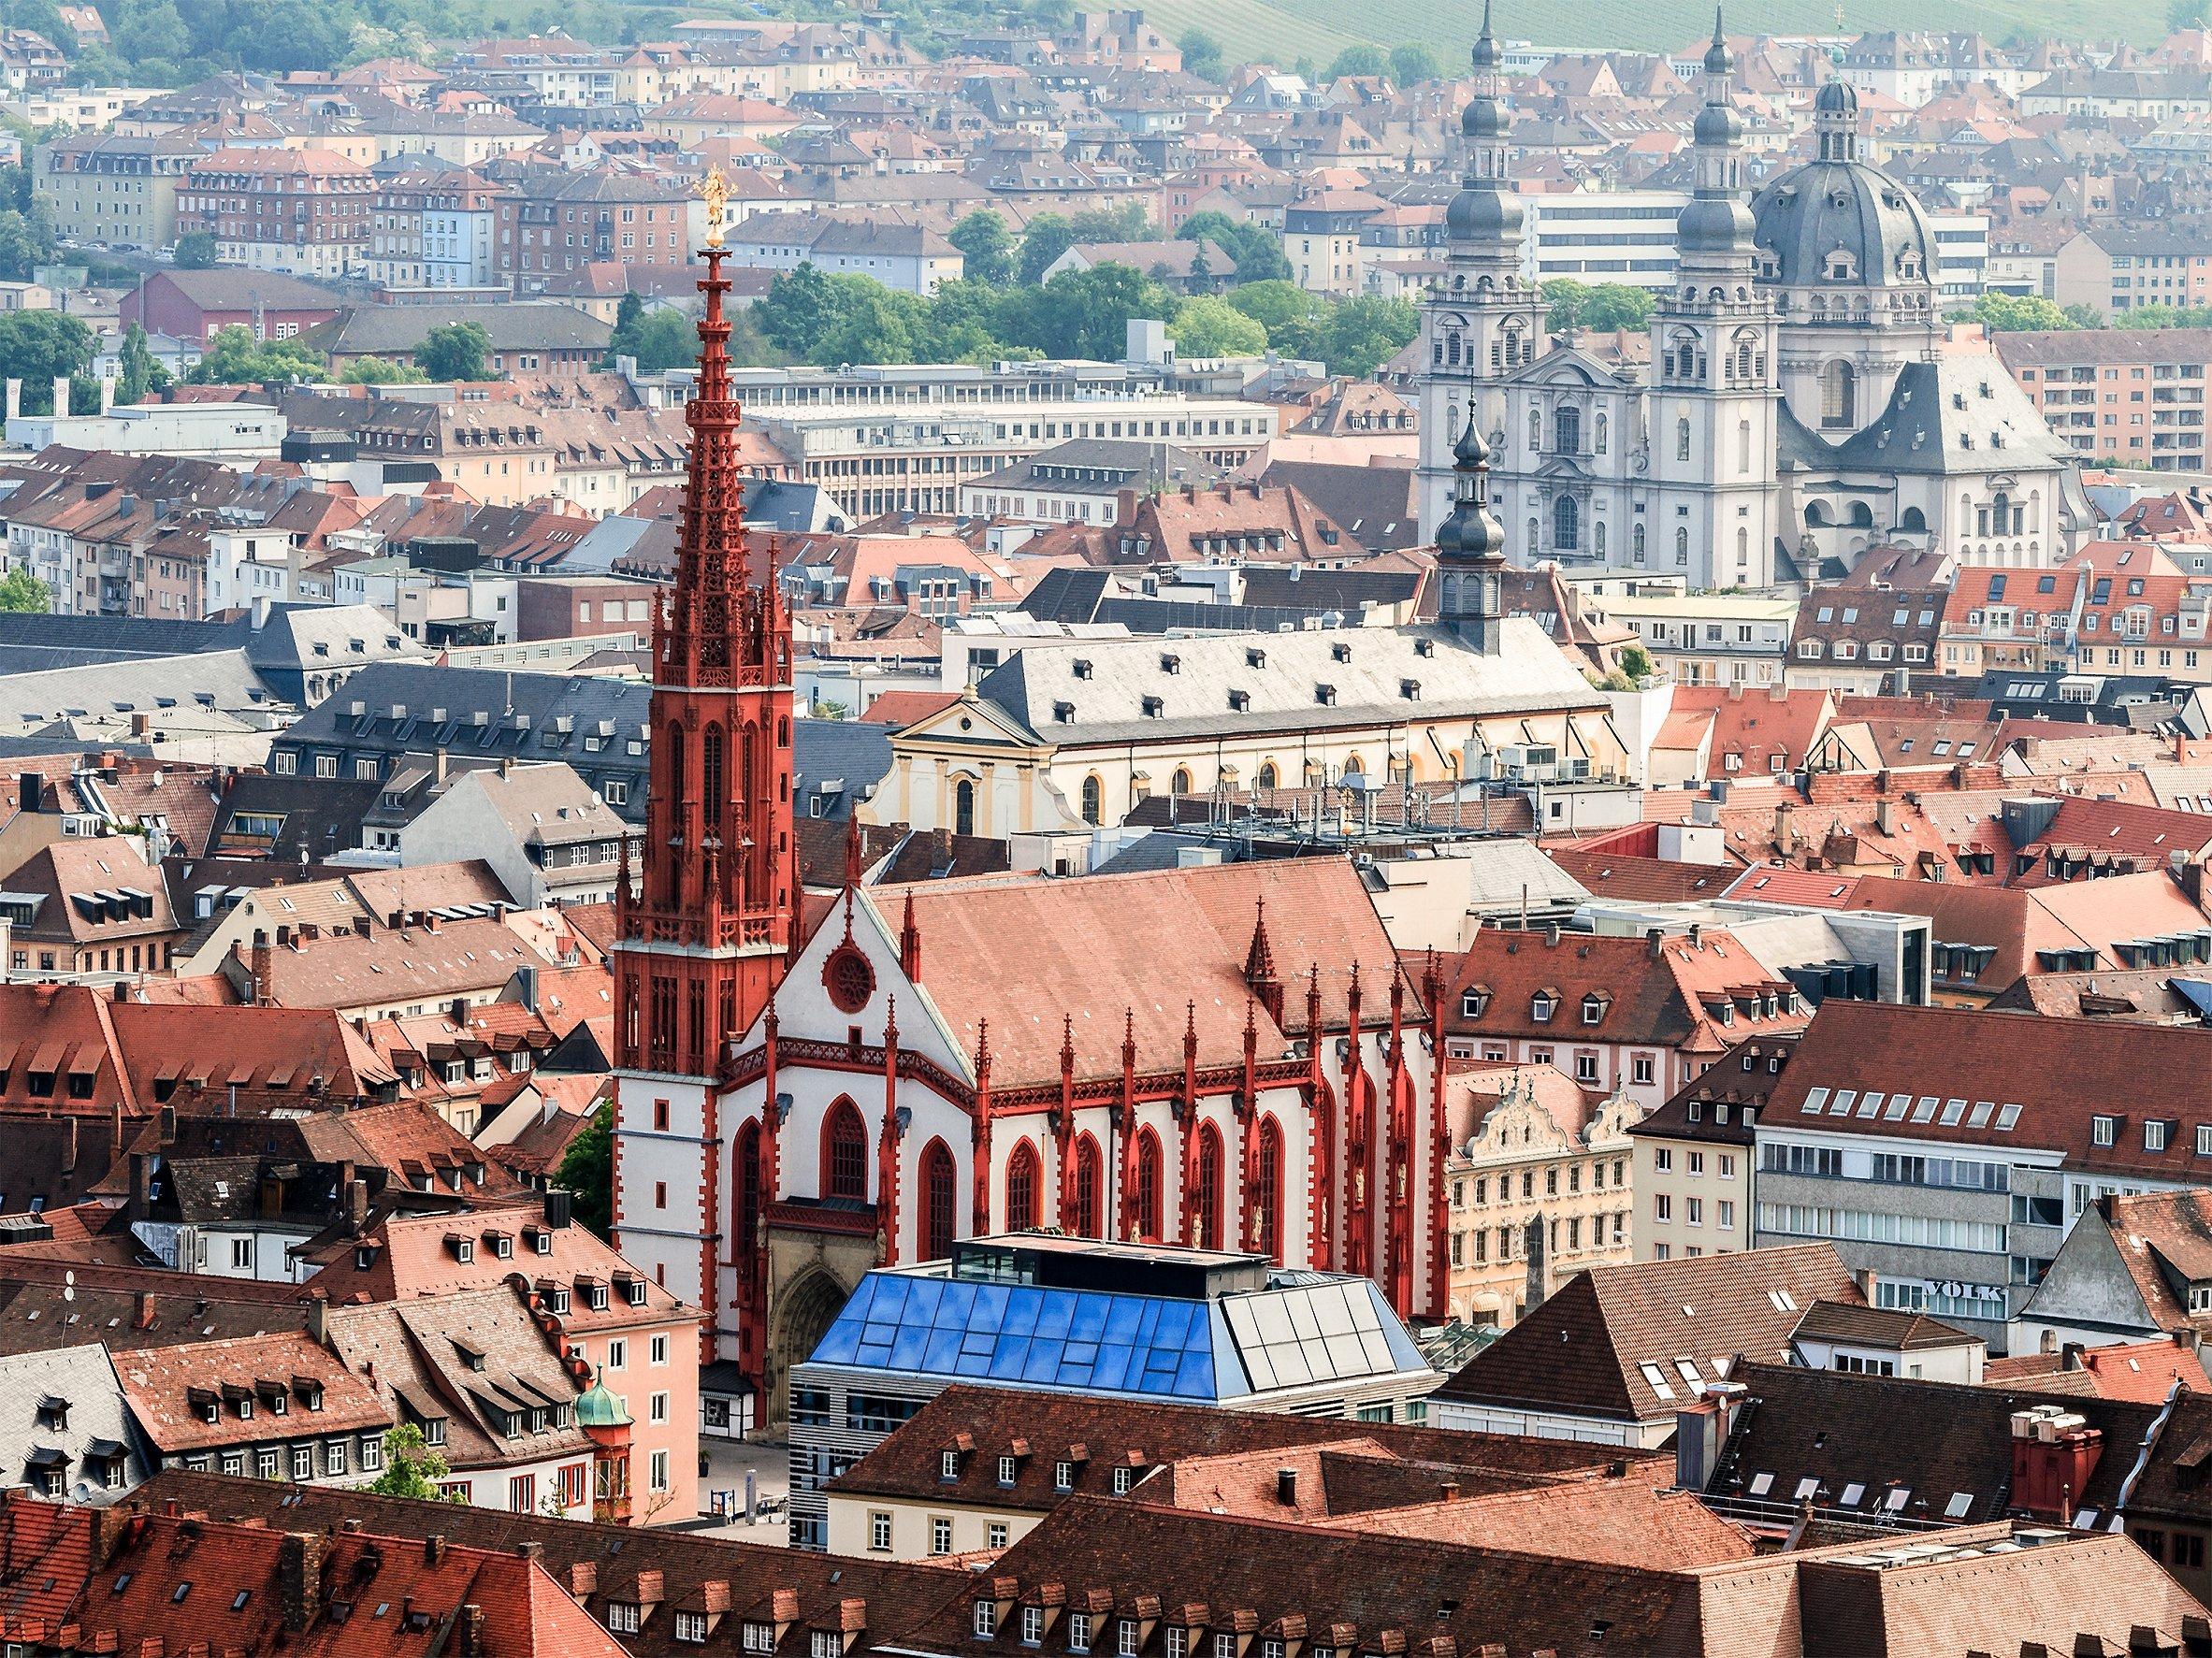 德国慕尼黑+雷根斯堡+纽伦堡+维尔茨堡+法兰克福+斯图加特13日11晚自由行·德国旅游局官方推荐 班贝格 海德堡  全景德意志